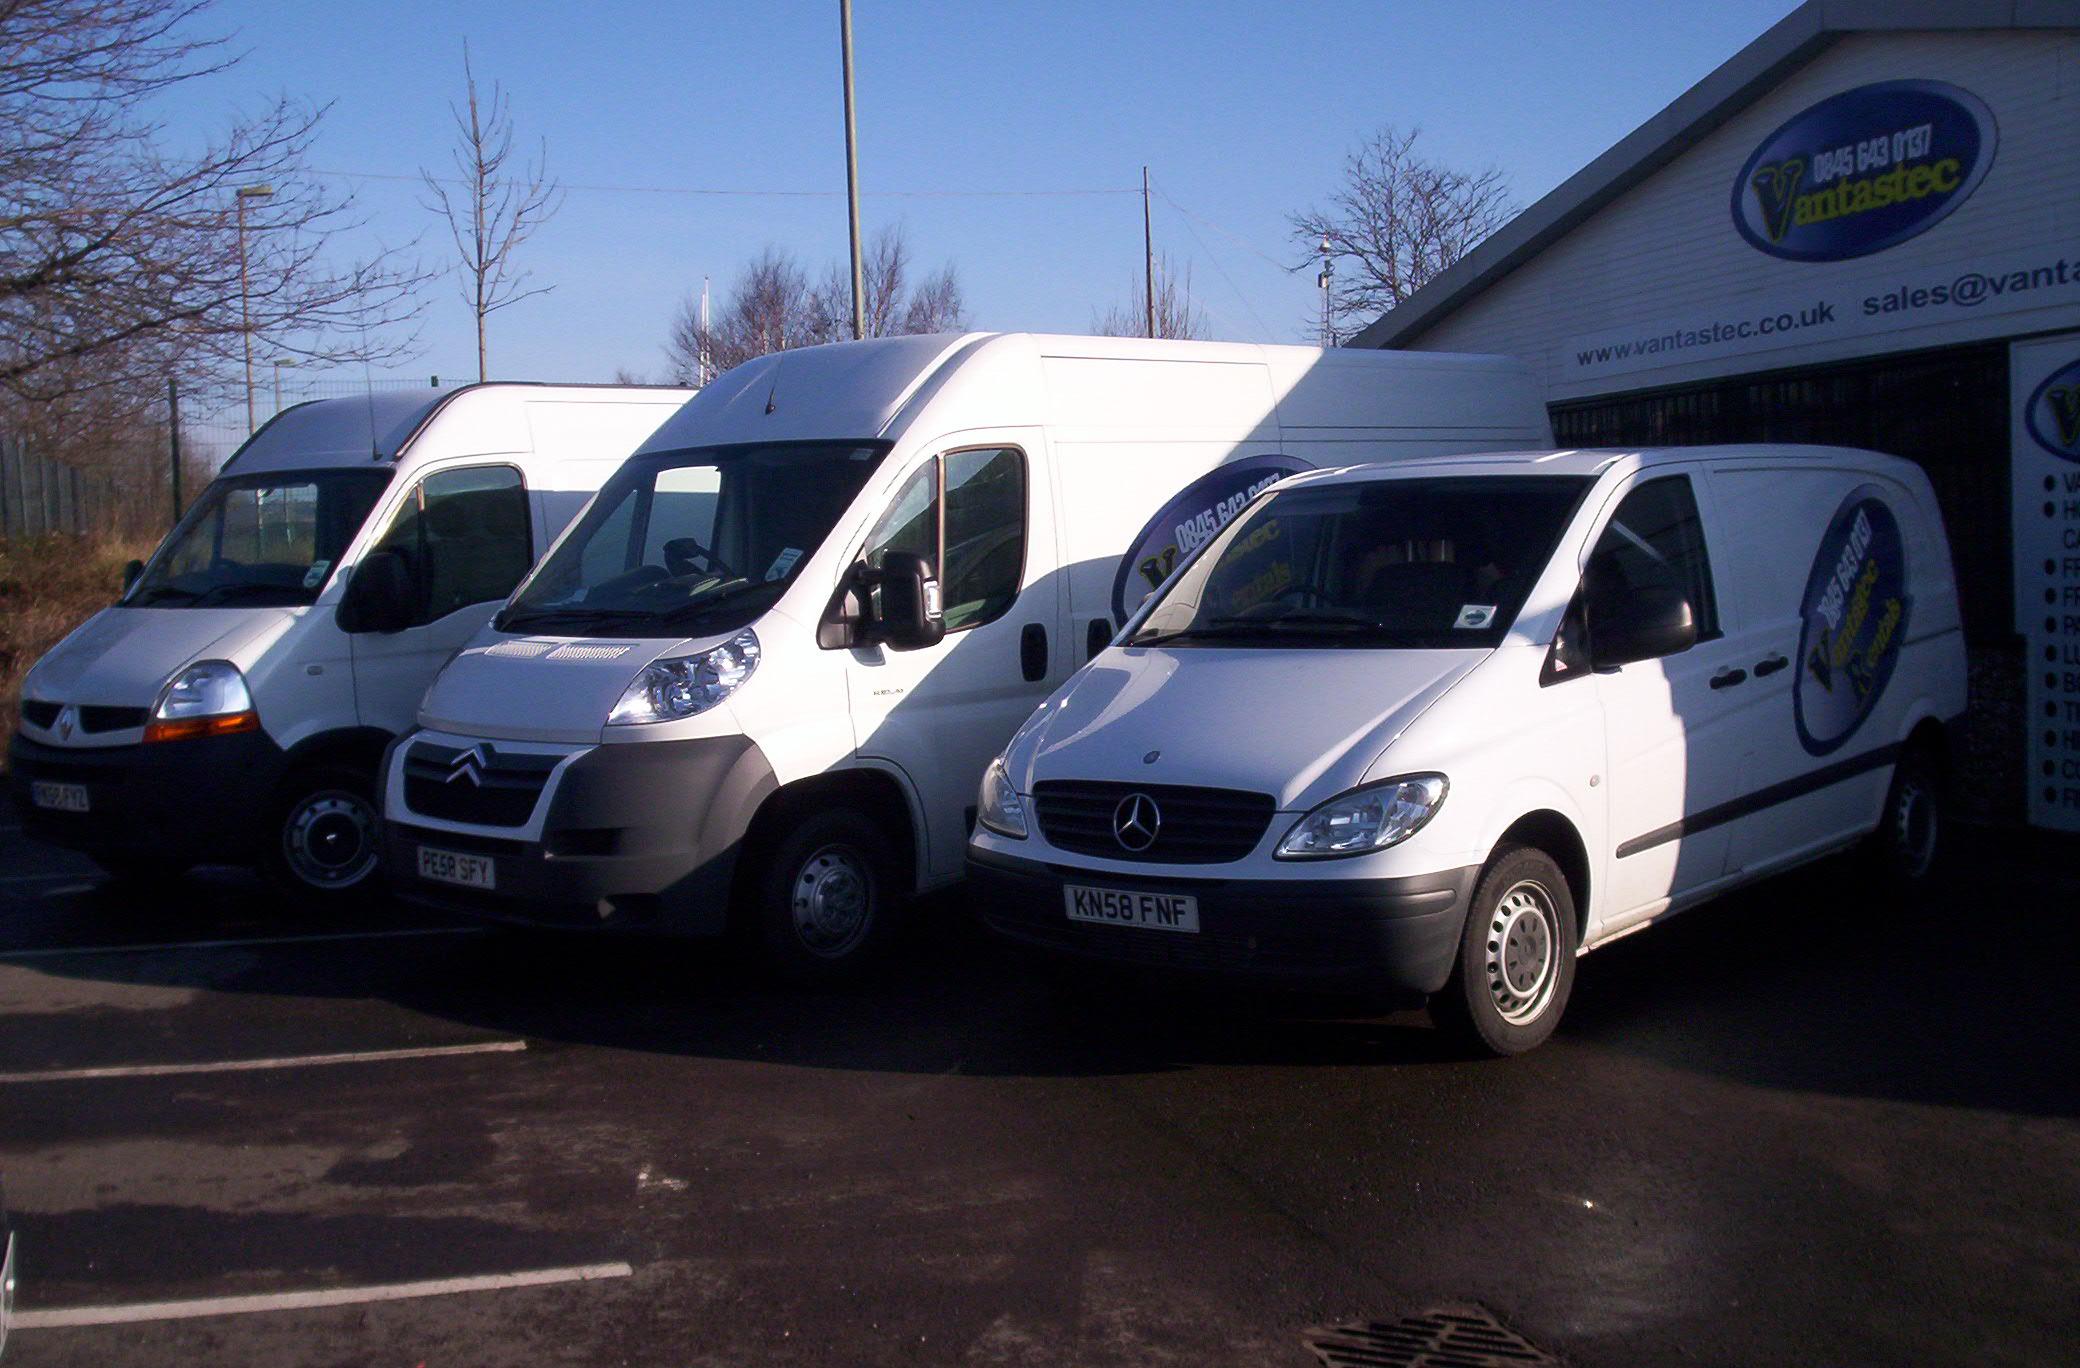 freezer vans for sale in the uk